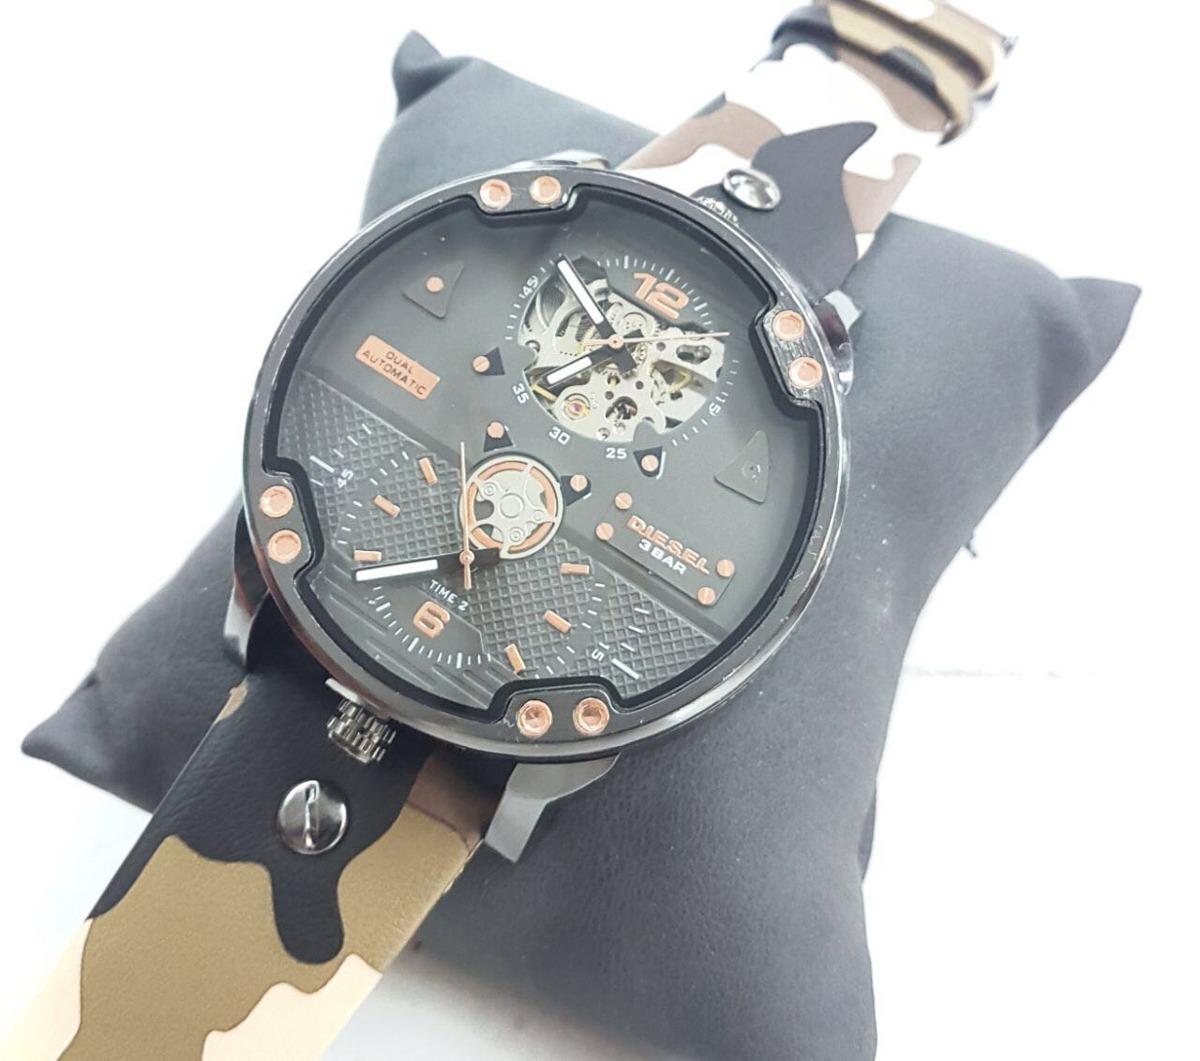 aa8a66f05c68 Reloj Diesel Automatico -   167.420 en Mercado Libre